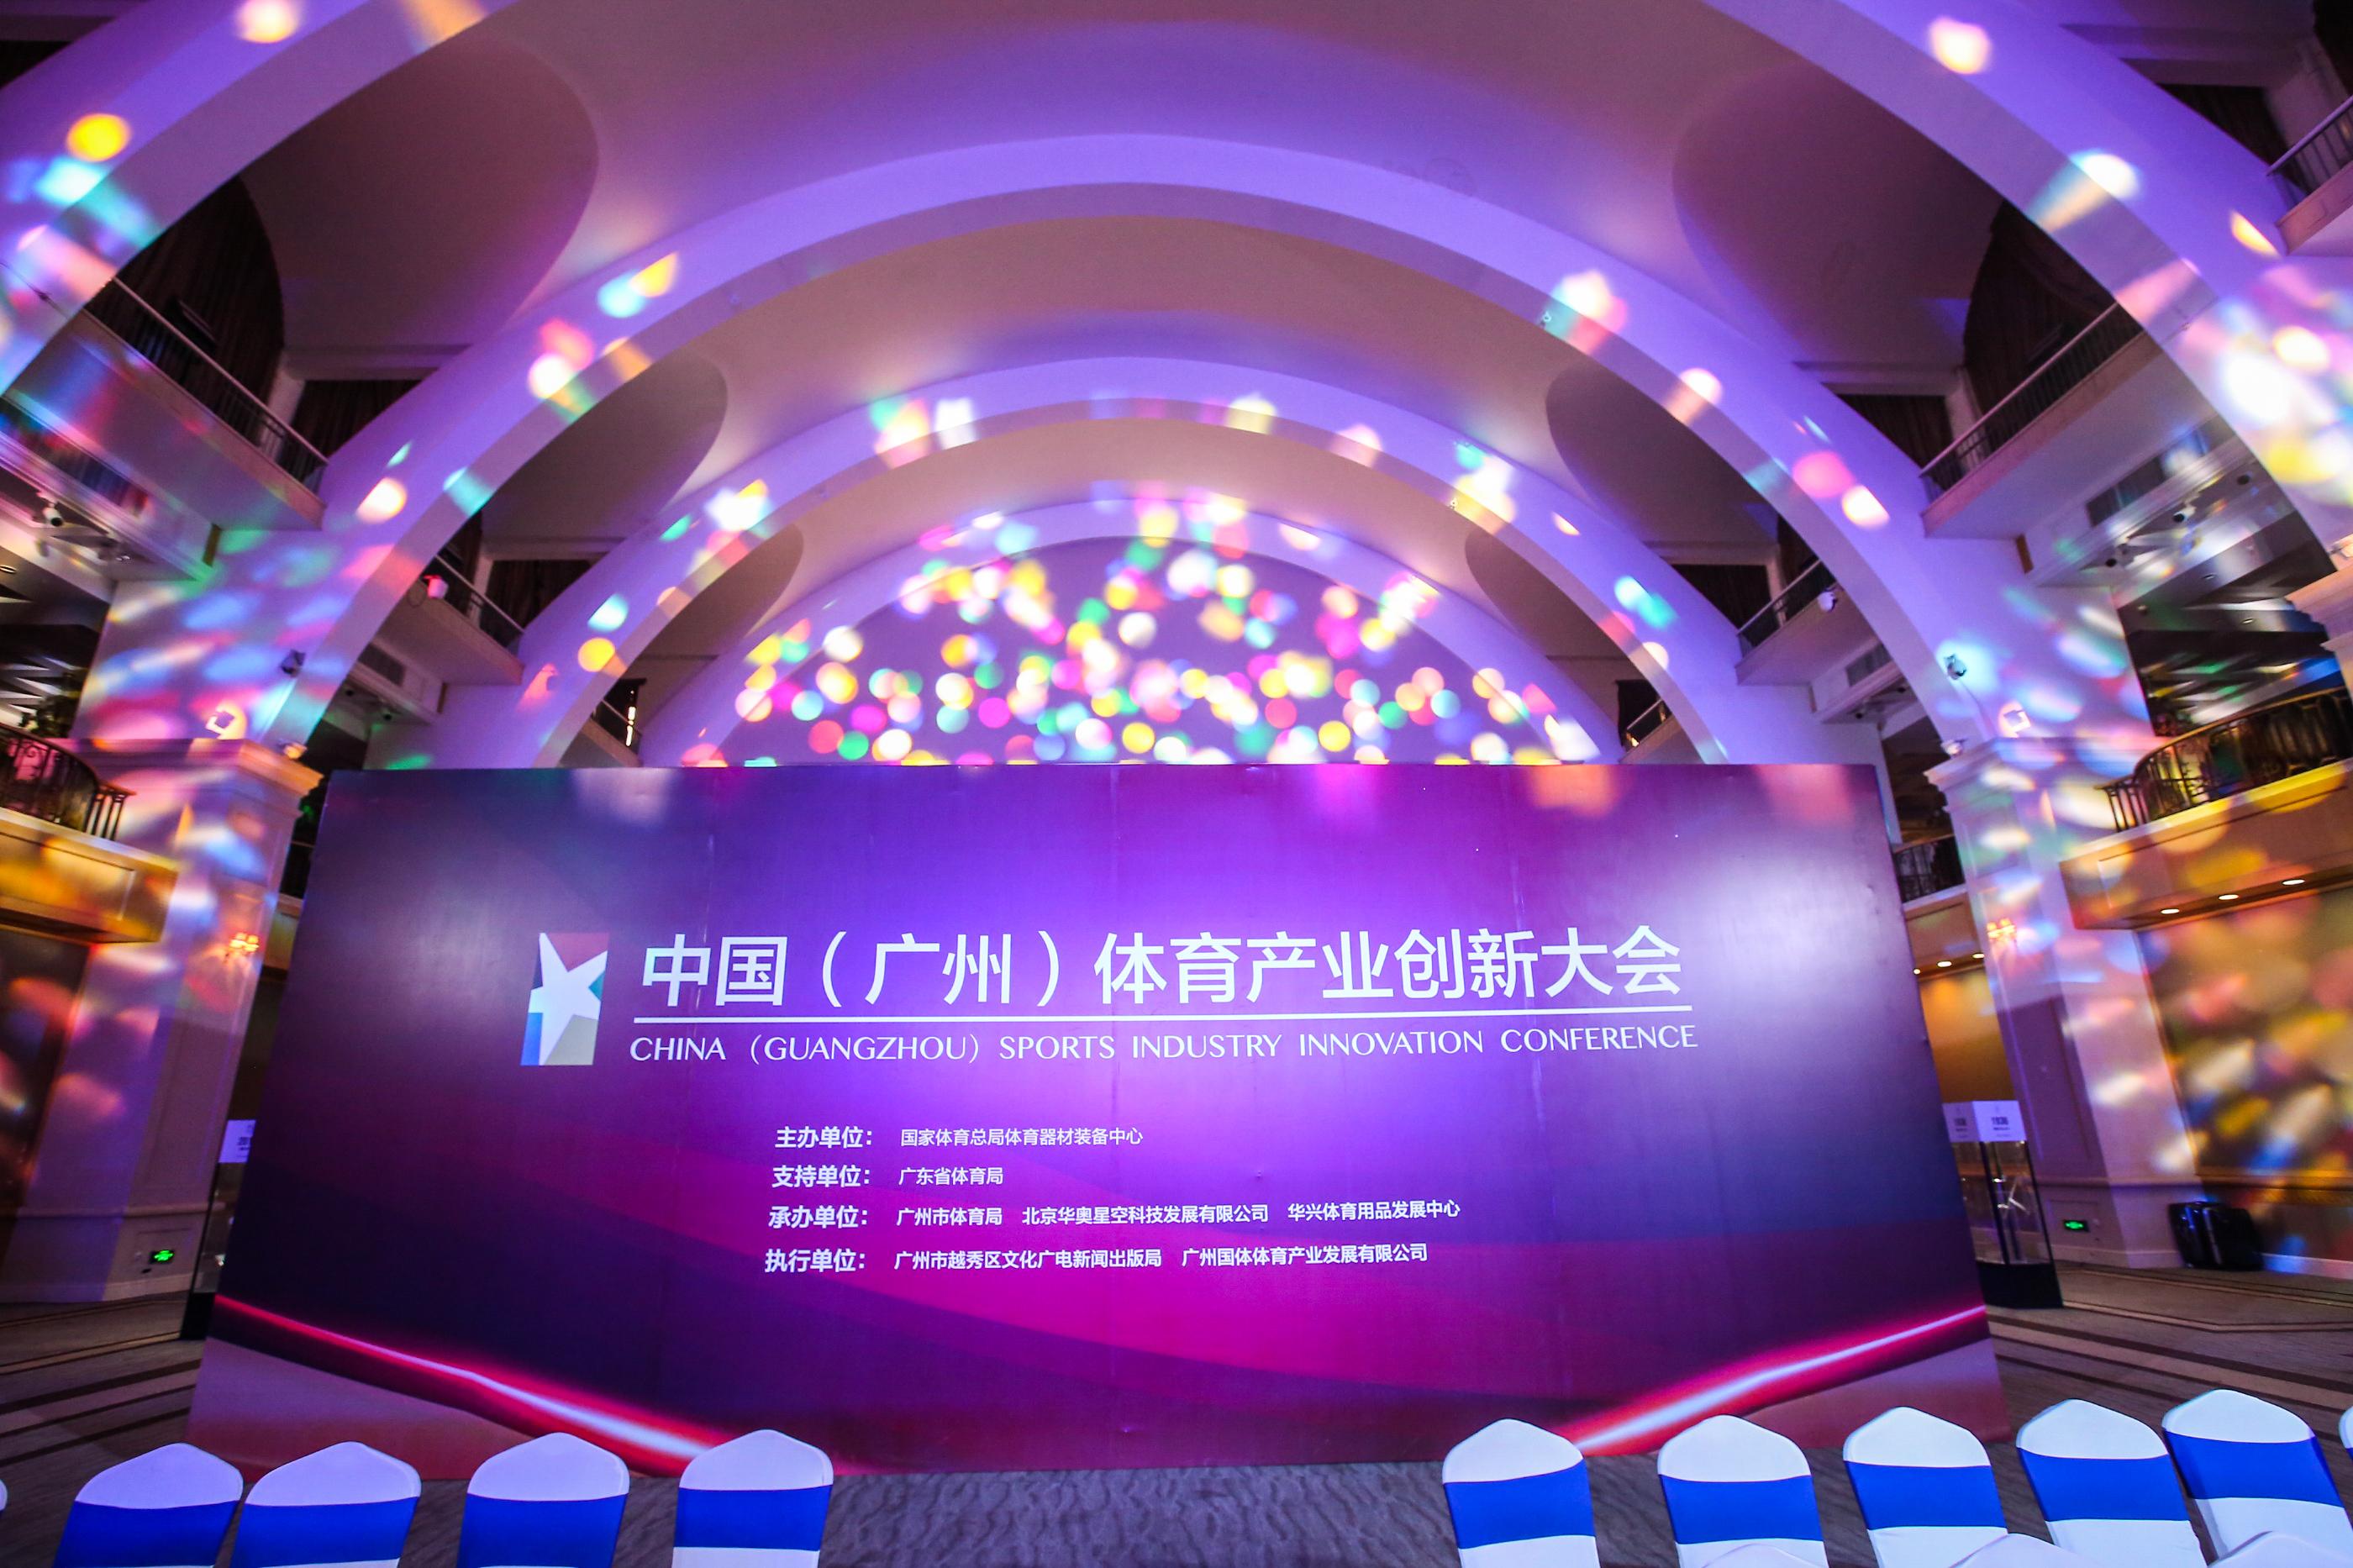 创新升级 跨界融合 中国(广州)体育产业创新大